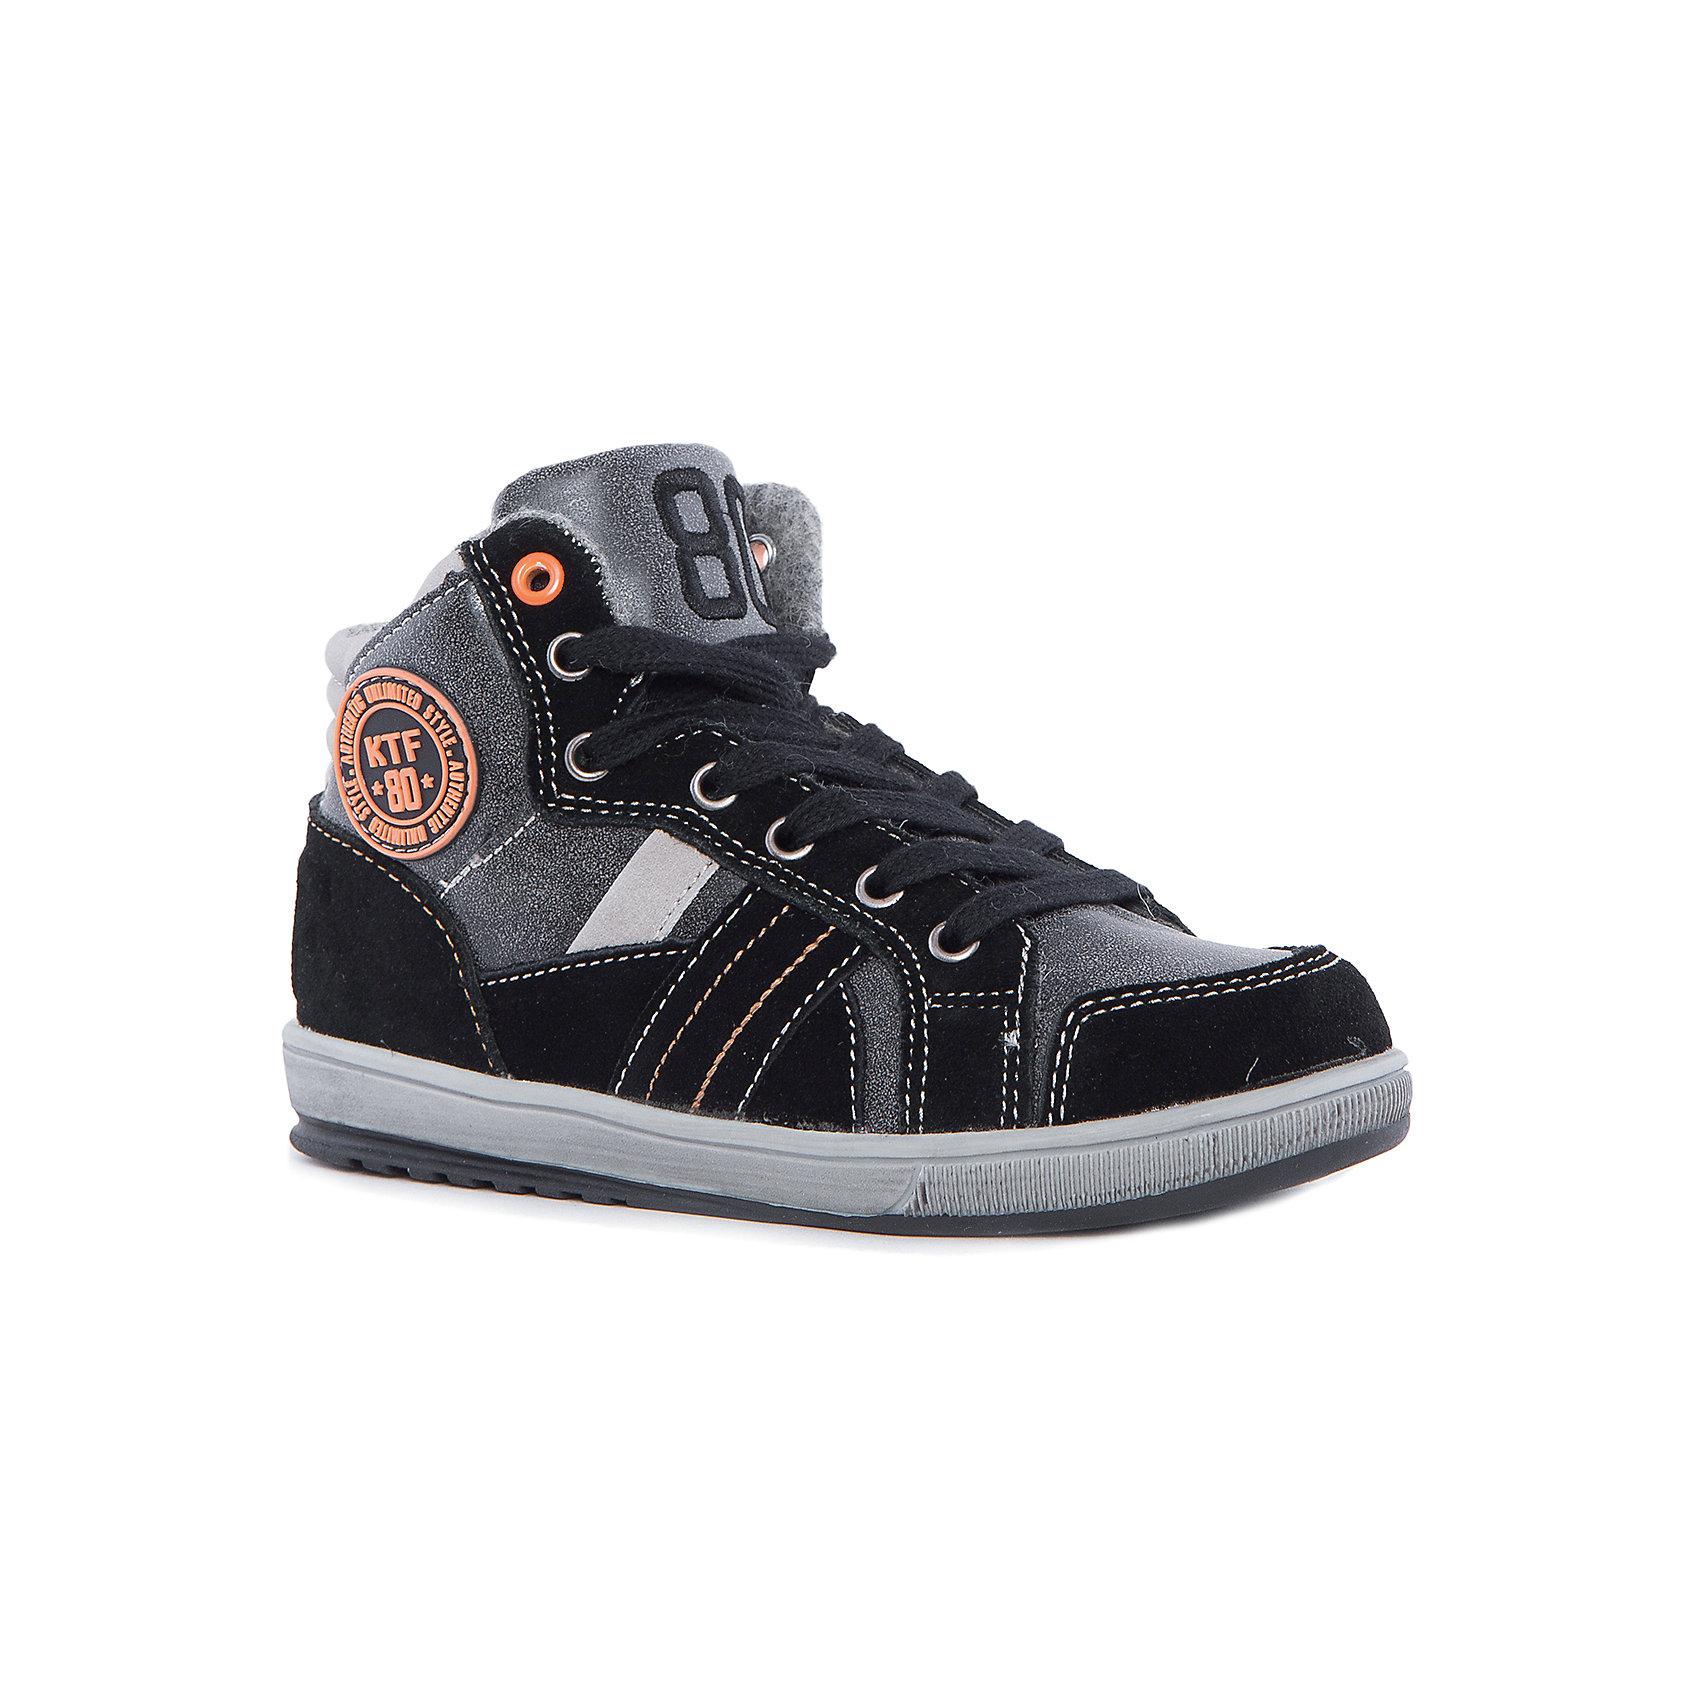 Ботинки для мальчика КотофейБотинки<br>Котофей – качественная и стильная детская обувь по доступным ценам. С каждым днем популярность бренда растет.  Модные зимние ботинки для мальчика – мастхэв приближающихся холодов. Стильный дизайн позволит создать множество образов, а материалы ботинок защитят ножки малыша от непогоды. Особенностью модели является одновременное наличие и шнуровки и молнии. <br><br>Дополнительная информация:<br><br>цвет: черно-оранжевый;<br>вид крепления: на клею;<br>застежка: шнуровка, молния;<br>температурный режим: от -10 °С до +10° С.<br><br>Состав:<br>материал верха – комбинированный;<br>материал подклада – байка;<br>подошва – ТЭП.<br><br>Зимние ботиночки для мальчика дошкольного возраста из искусственной кожи от фирмы Котофей можно приобрести в нашем магазине.<br><br>Ширина мм: 262<br>Глубина мм: 176<br>Высота мм: 97<br>Вес г: 427<br>Цвет: черный/оранжевый<br>Возраст от месяцев: 84<br>Возраст до месяцев: 96<br>Пол: Мужской<br>Возраст: Детский<br>Размер: 31,35,34,33,30,32<br>SKU: 4982085